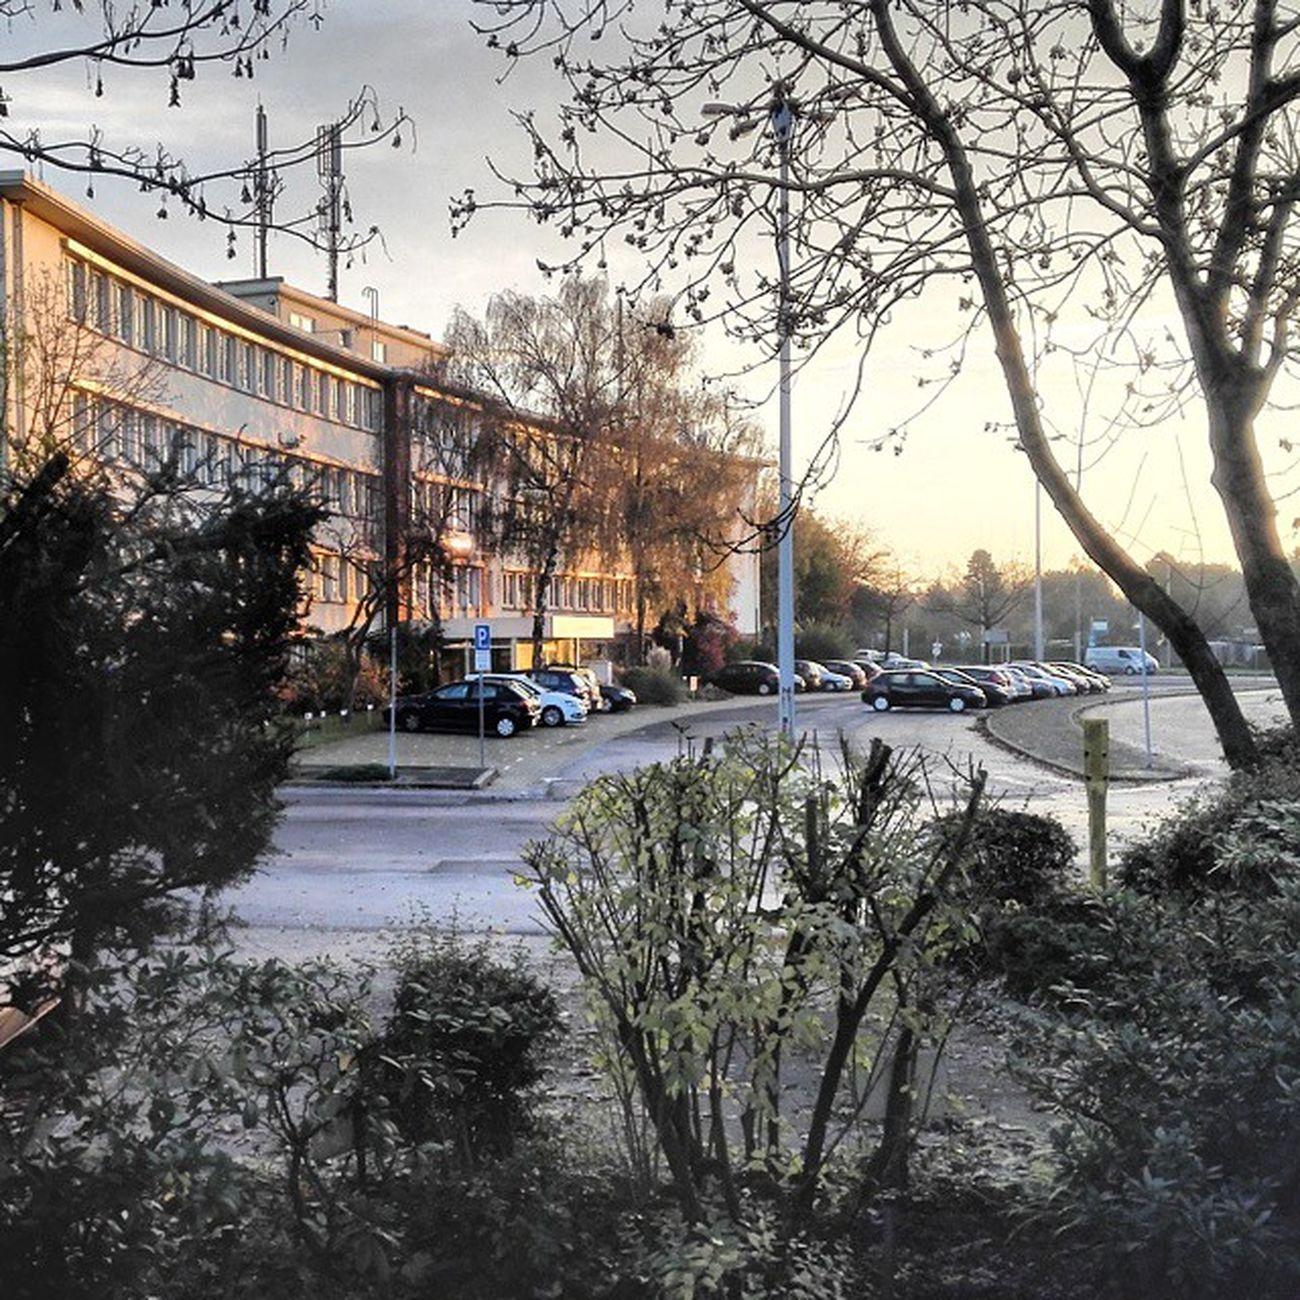 Morgens in KrefeldLinn Krefeld Linn